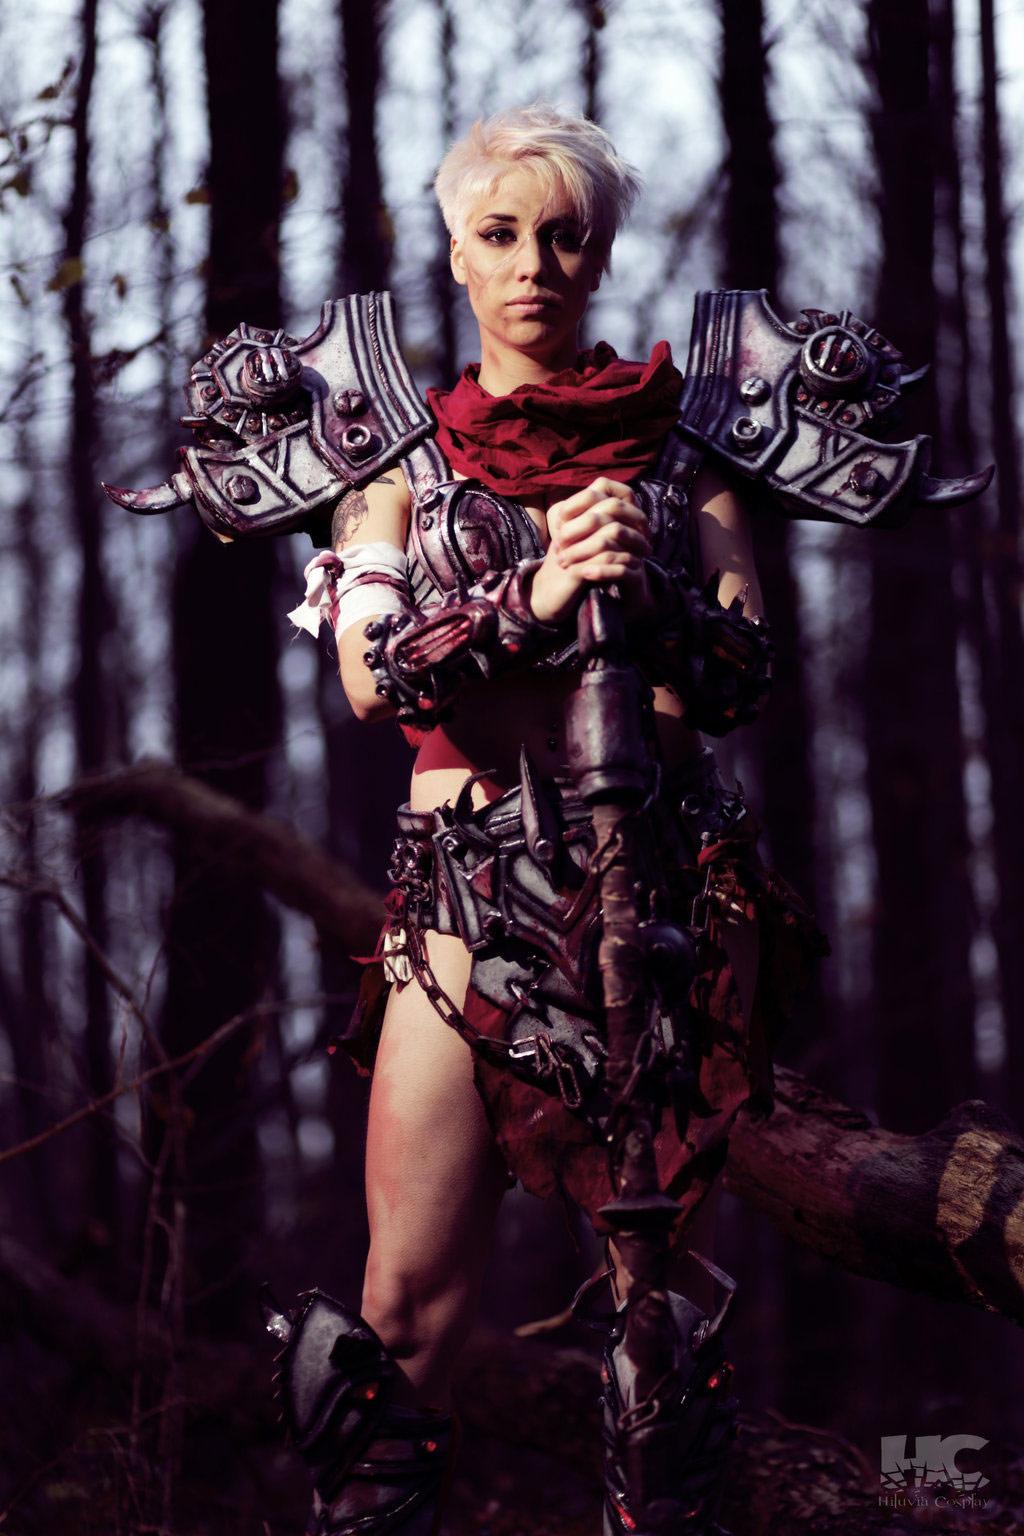 Cosplay d'une Guerrière T17 Mythique par Hiluvia Cosplay.